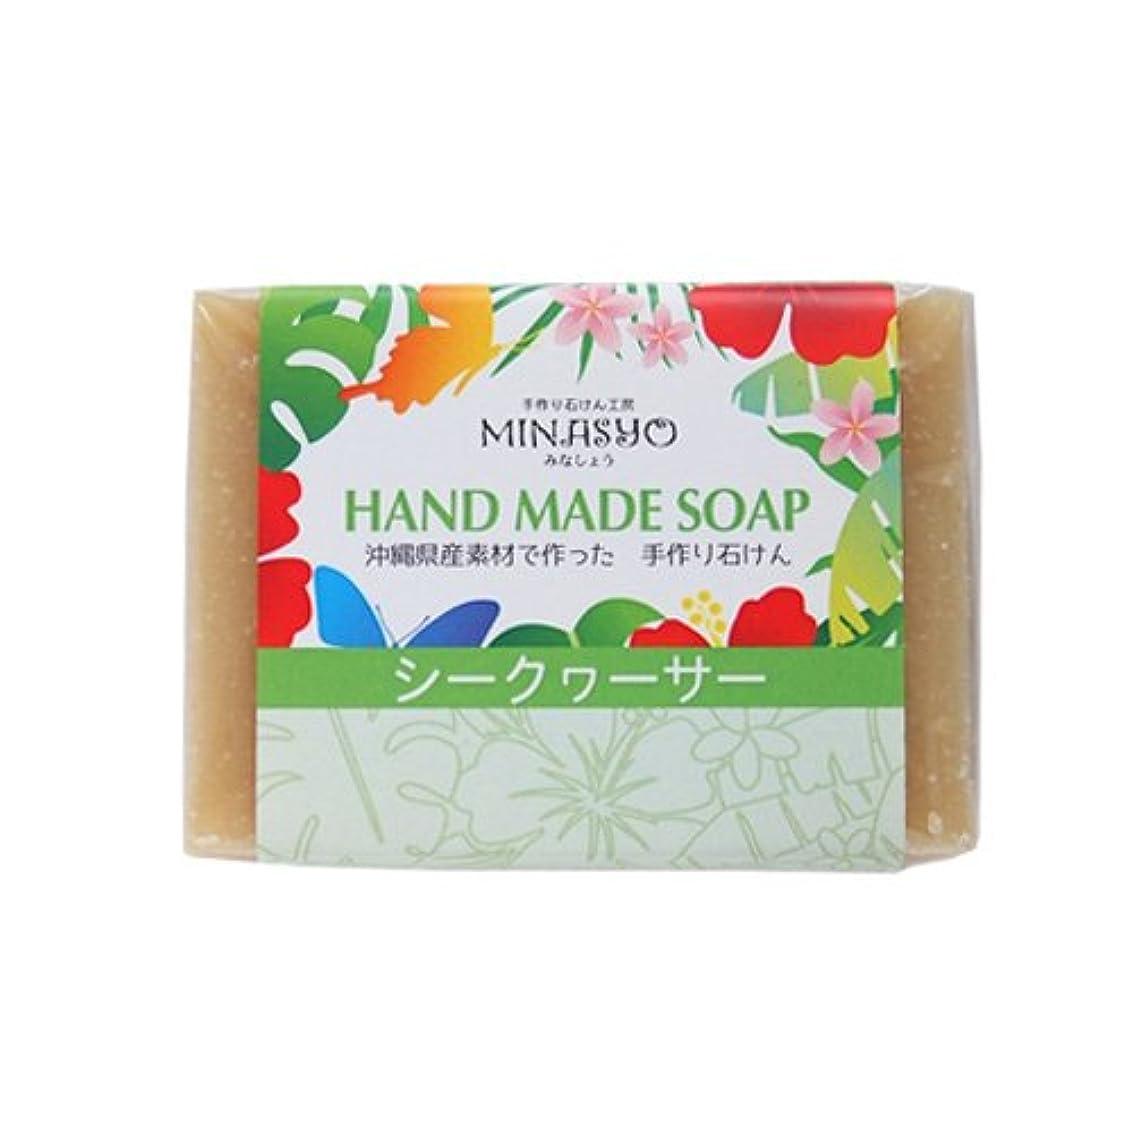 ハング編集者透ける洗顔石鹸 無添加 固形ハンドソープ ボディソープ 手作りシークワーサー石鹸